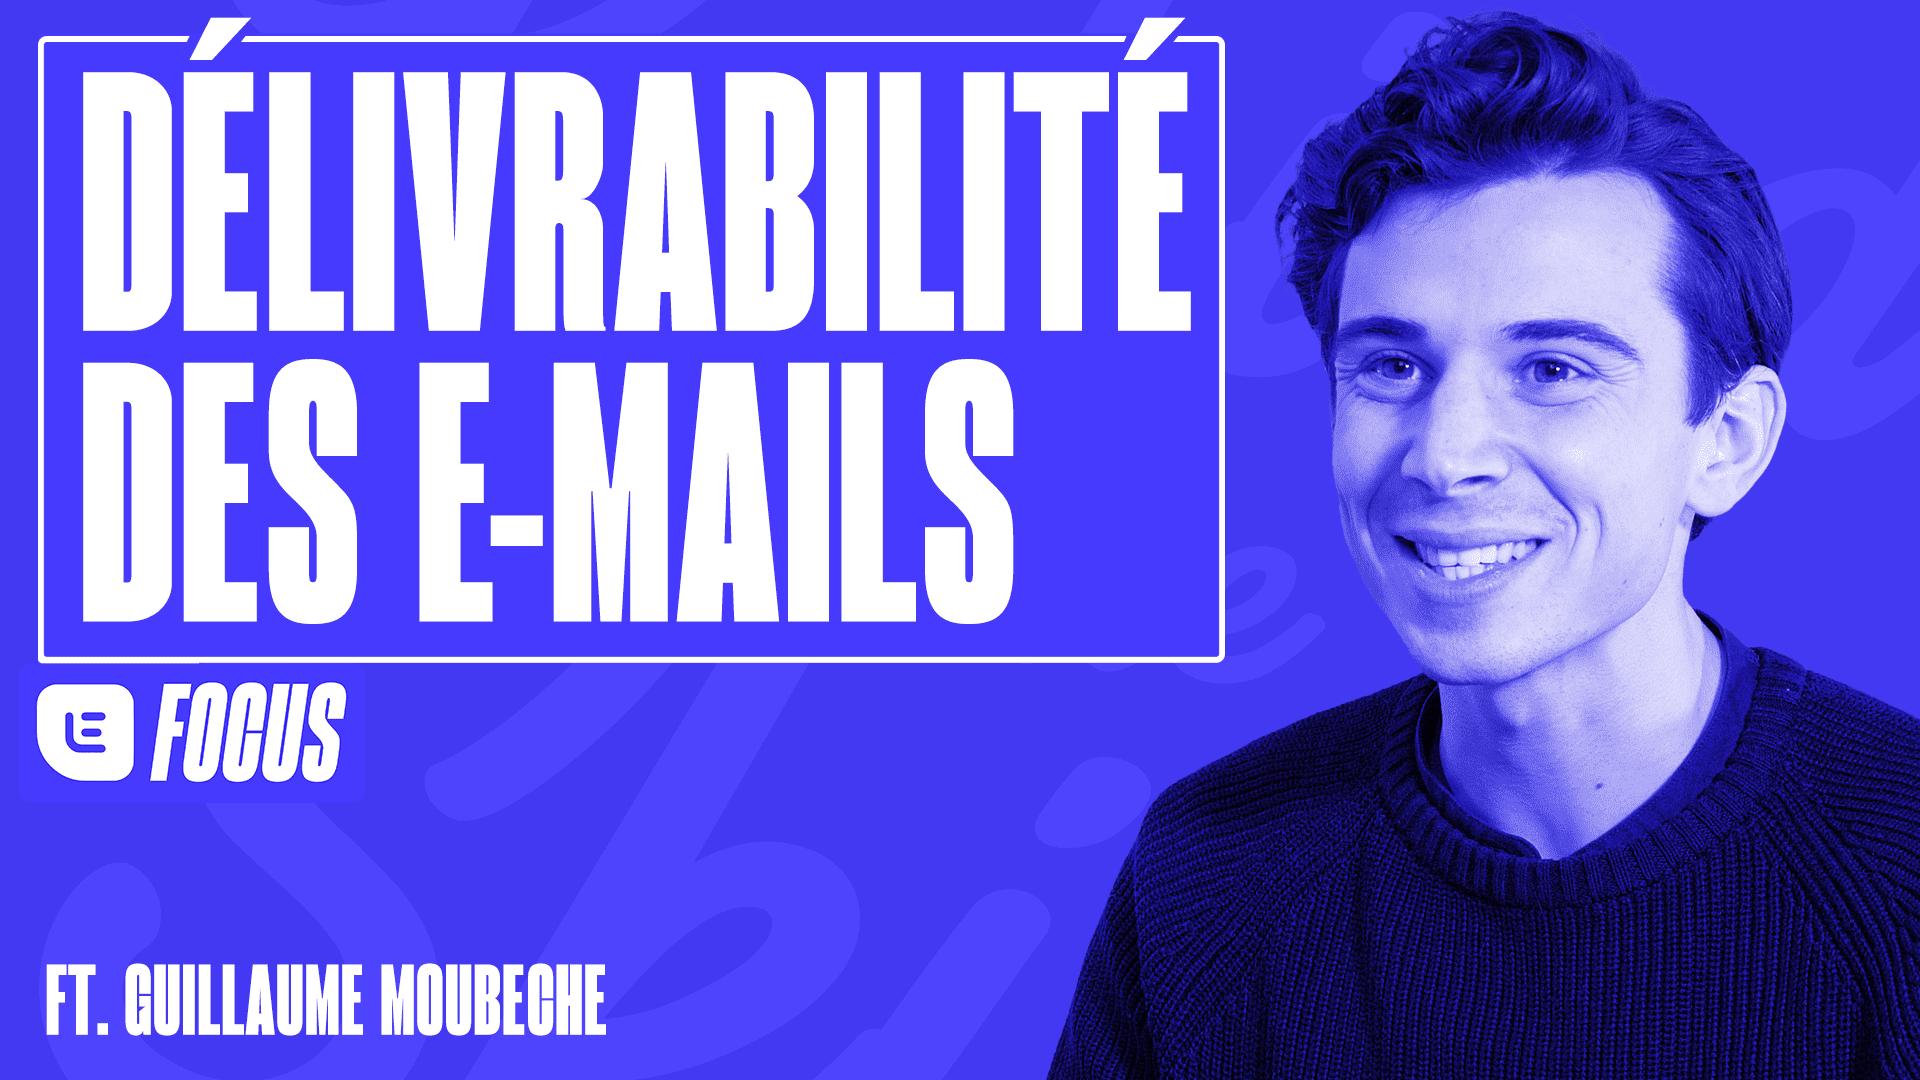 Déliverabilité des emails